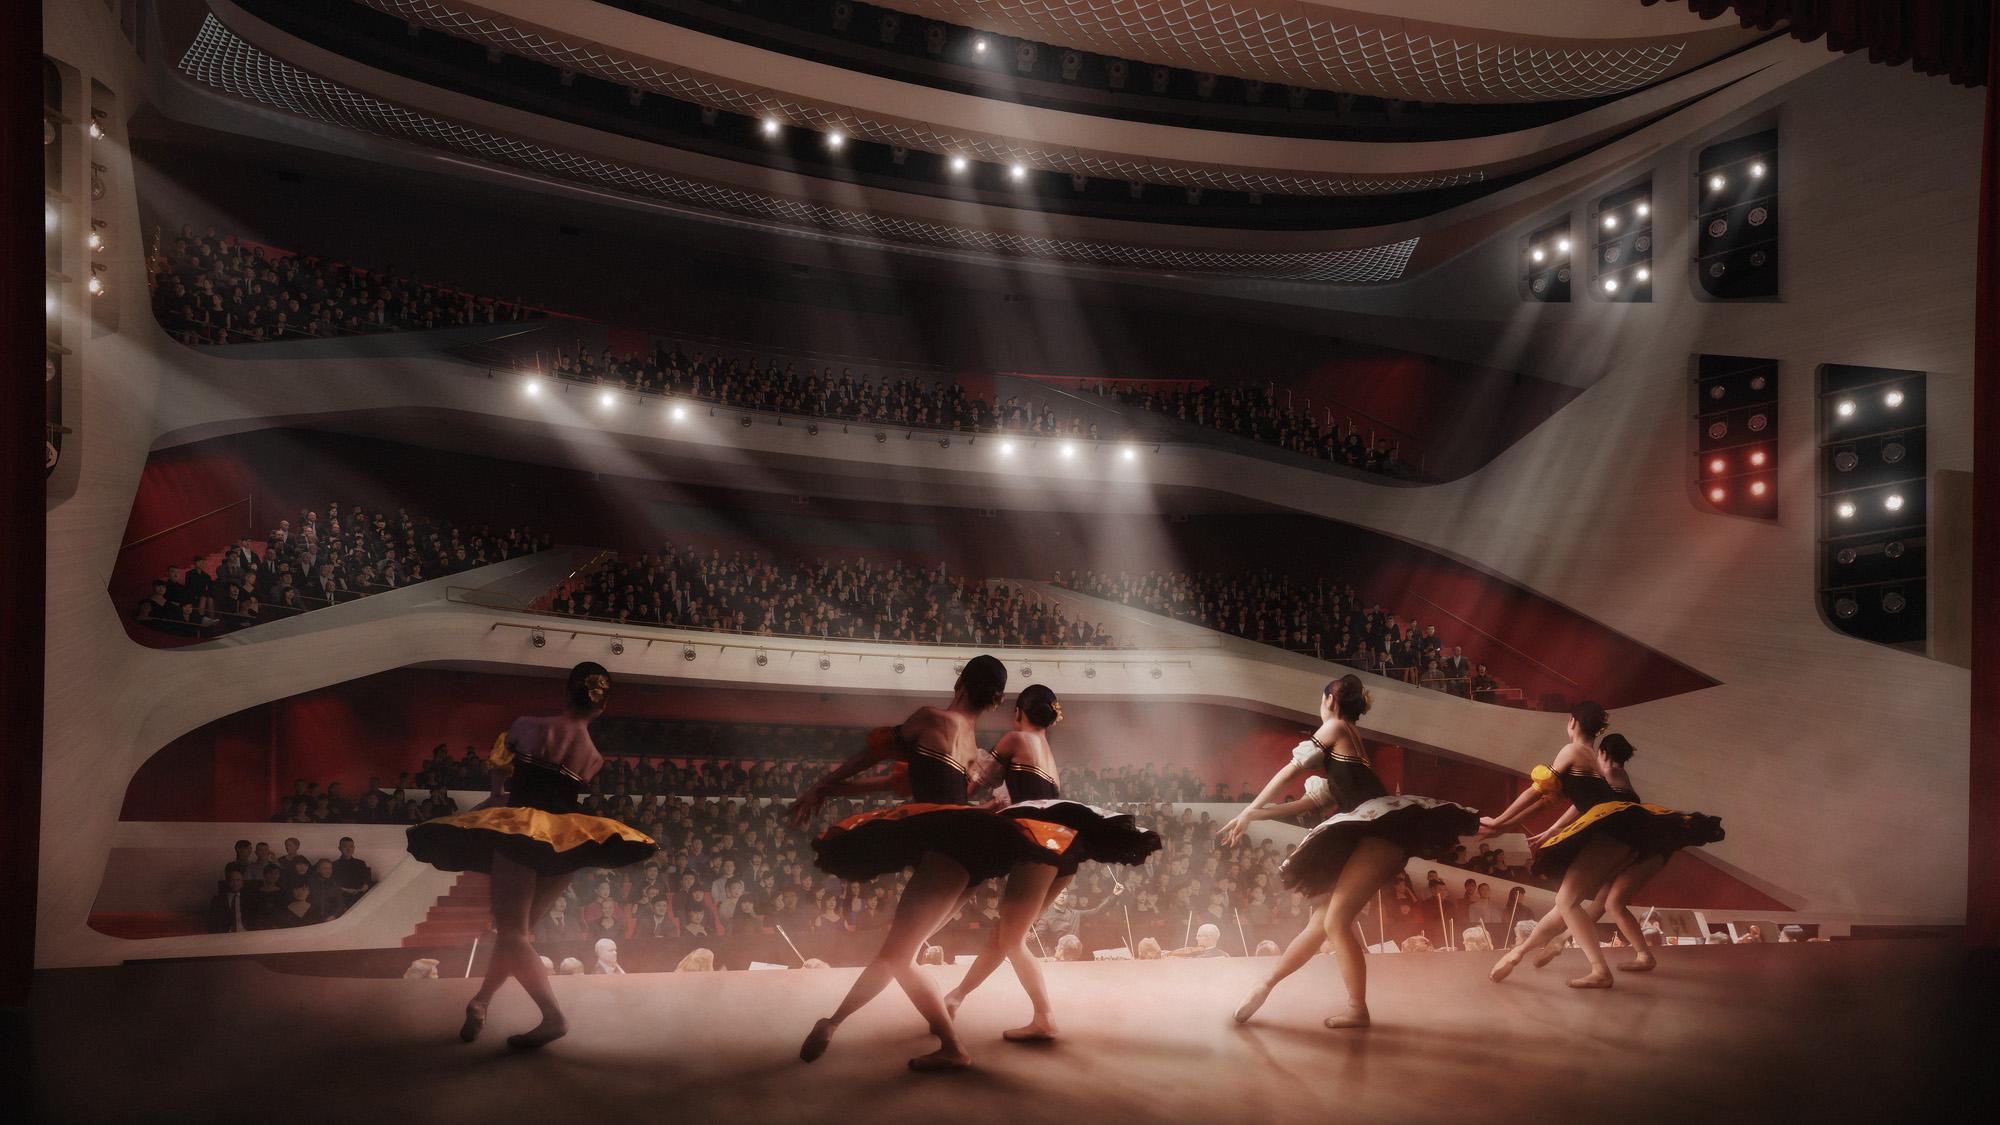 <p>De eerste ring van het balkon in het Lyric Theater, waar zich de beste plaatsen bevinden, is extra breed, terwijl de kleinere zitvakken op de etages in deze grote zaal voor de nodige intimiteit zorgen. Om een intieme sfeer te creëren, zijn het bovenste en onderste deel van de zaal zo vormgegeven dat ze een optisch geheel vormen. Beeld: Hong Kong Ballet</p>